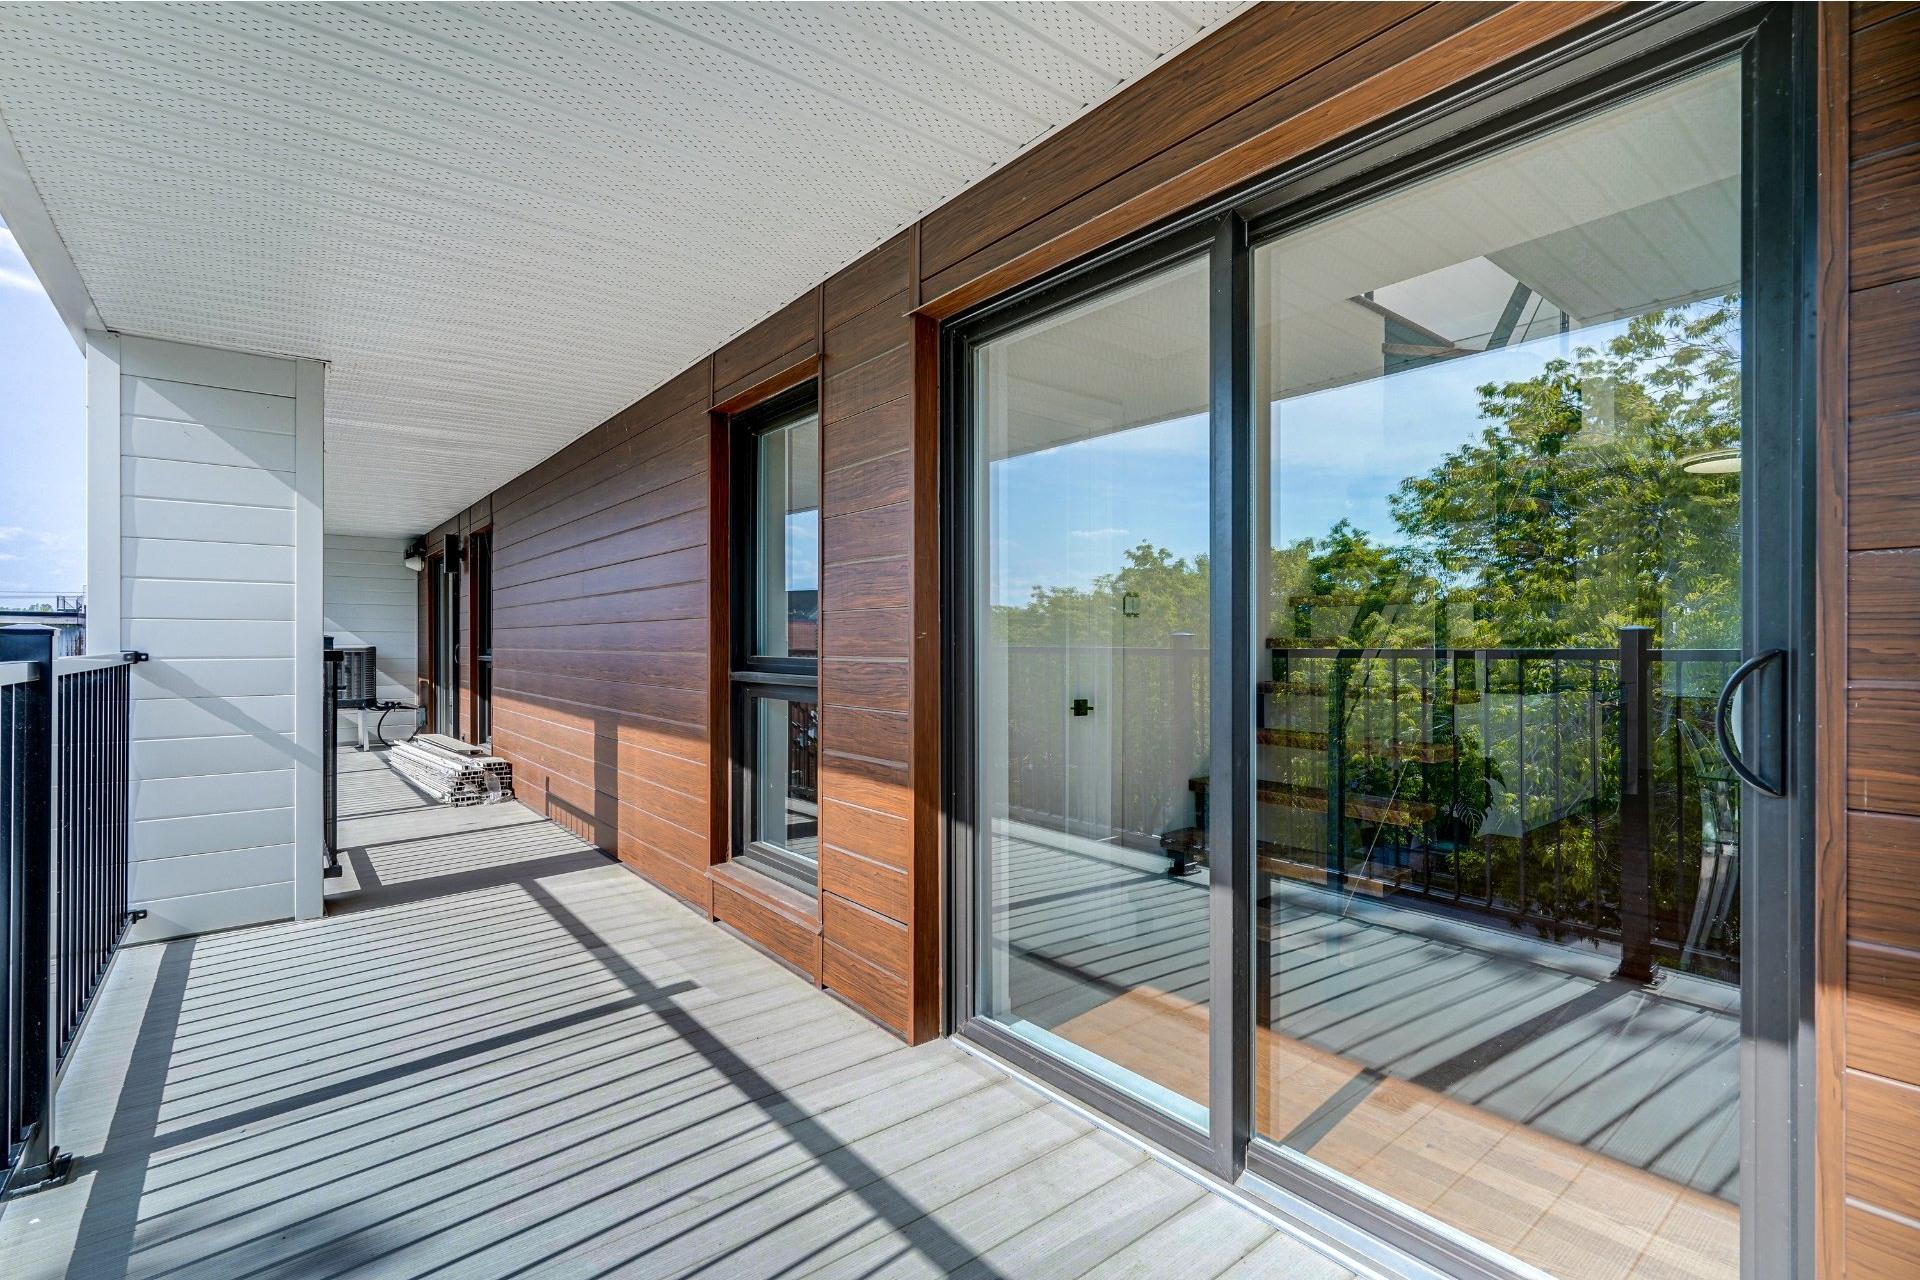 image 25 - Apartment For sale Lachine Montréal  - 6 rooms